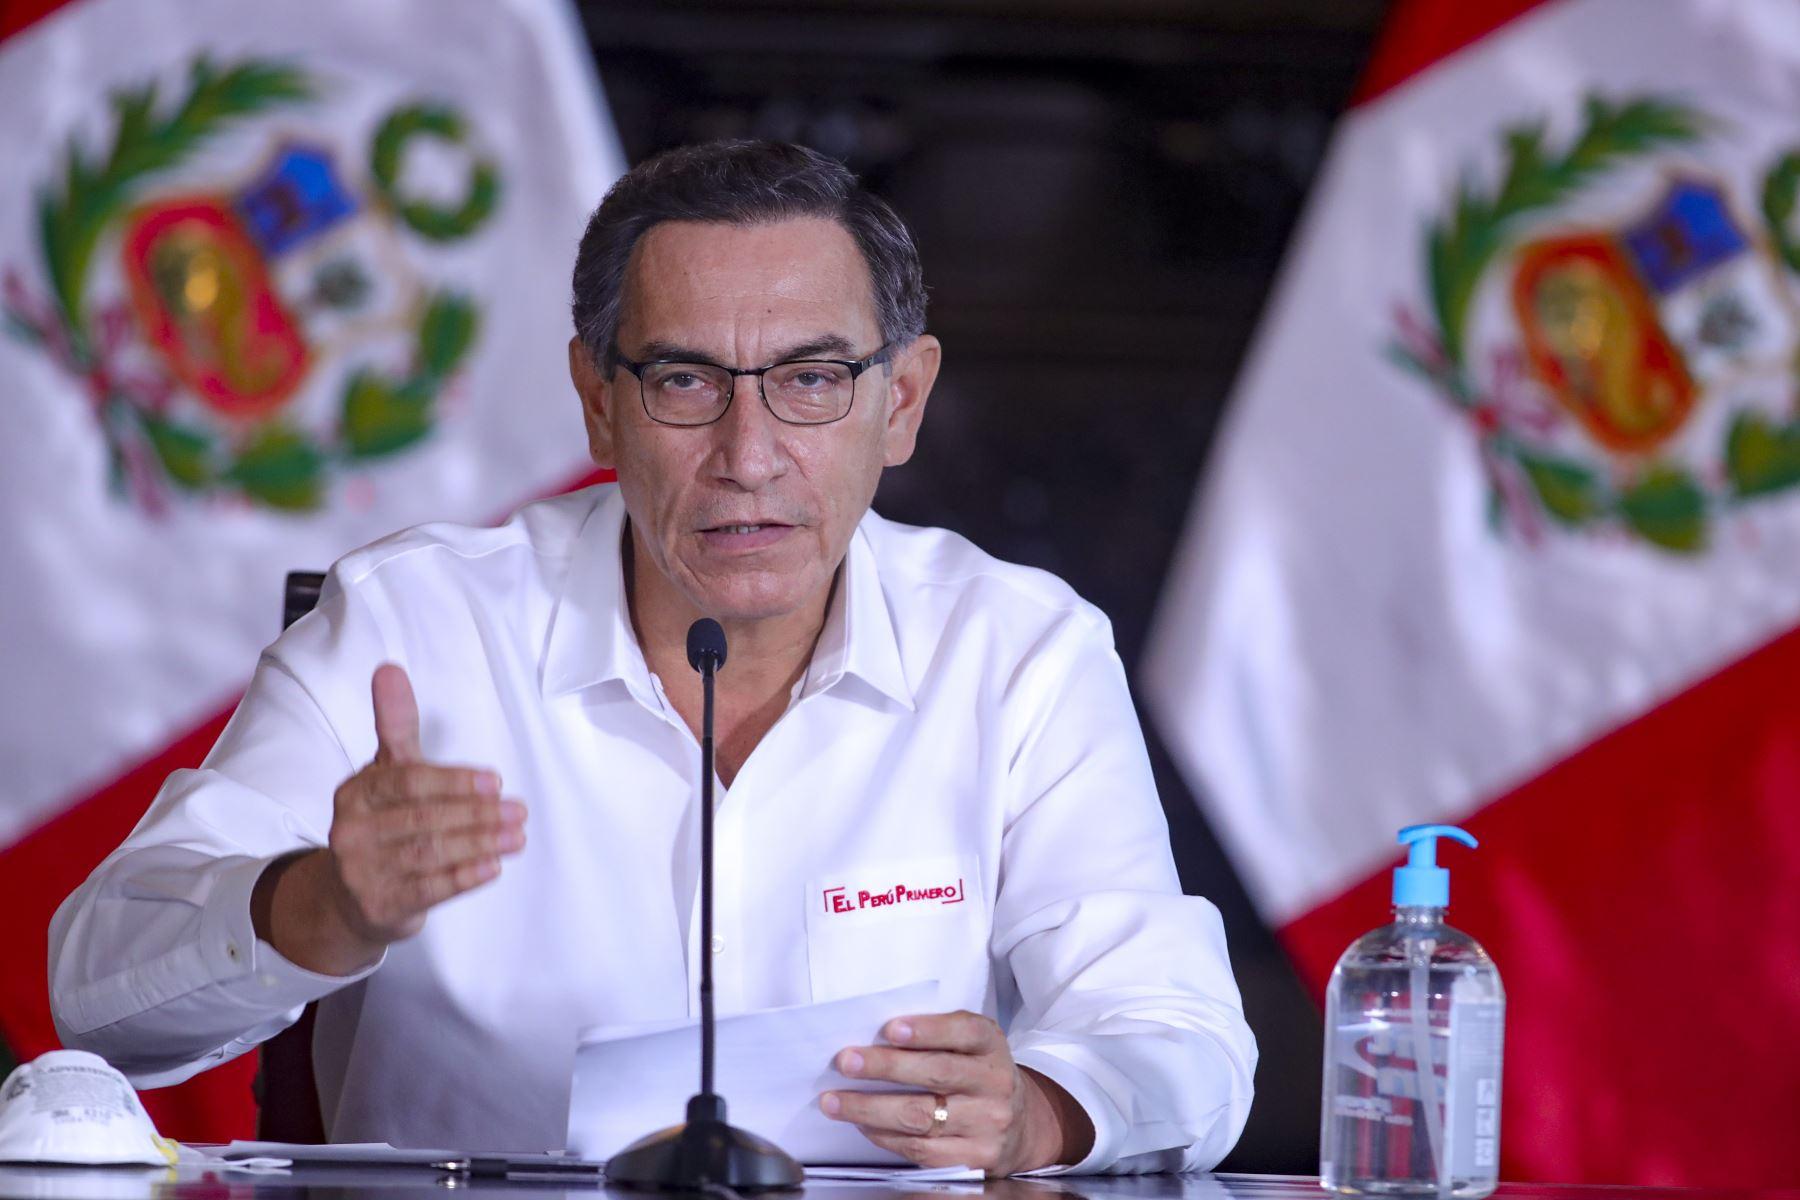 El presidente Martín Vizcarra informó sobre las medidas adoptadas por el Gobierno en el marco del estado de emergencia nacional por el coronavirus (covid-19). Foto: ANDINA/ Prensa Presidencia